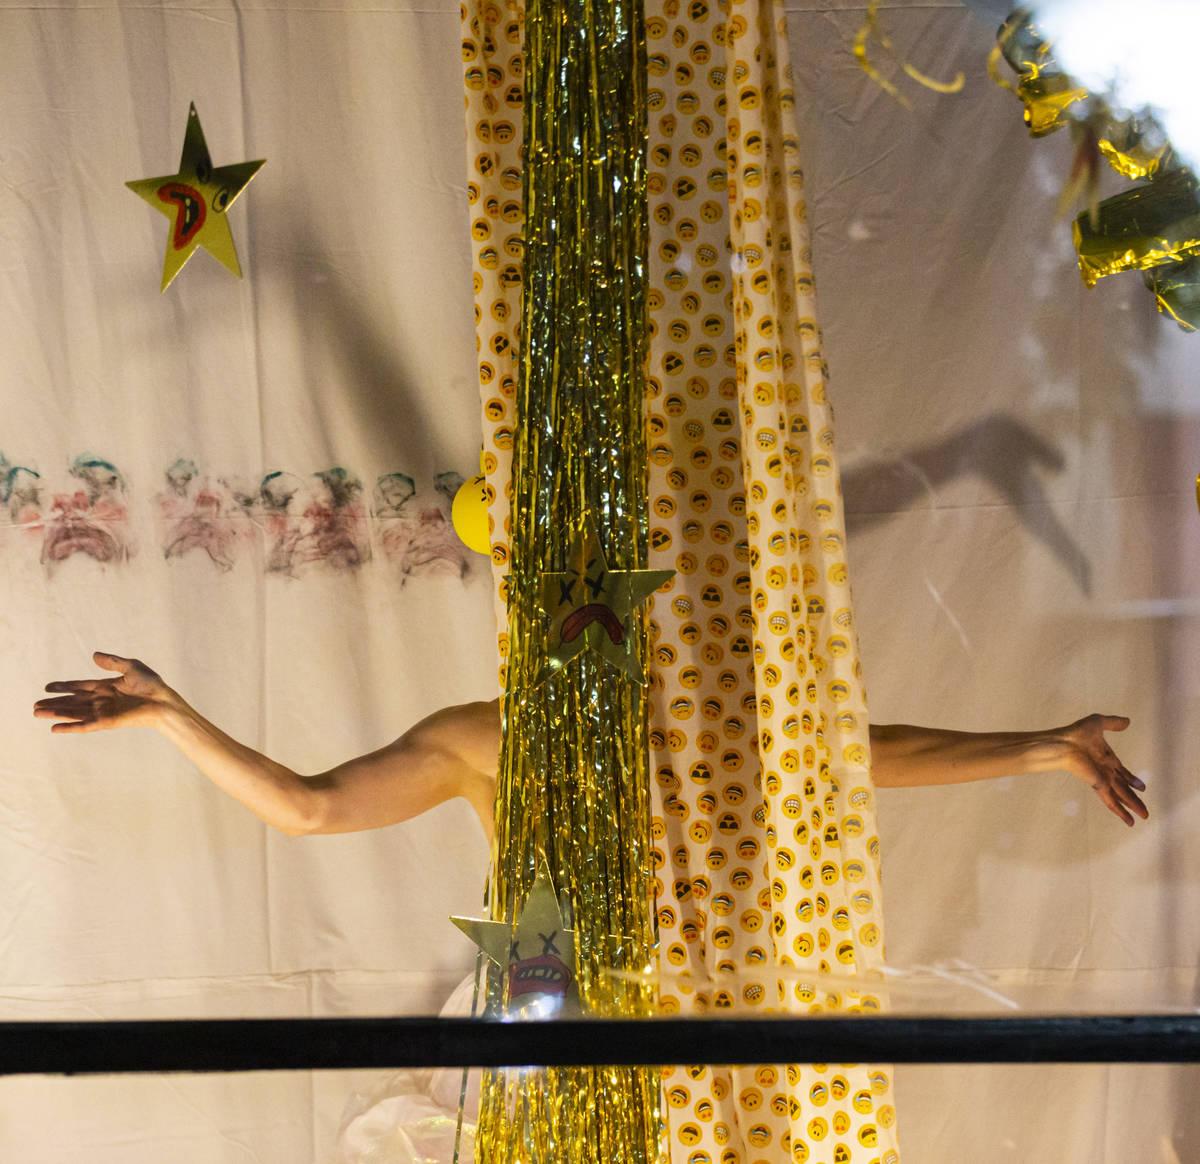 Heidi Rider se presenta desde las ventanas del Majestic Repertory Theatre, en el Arts District ...